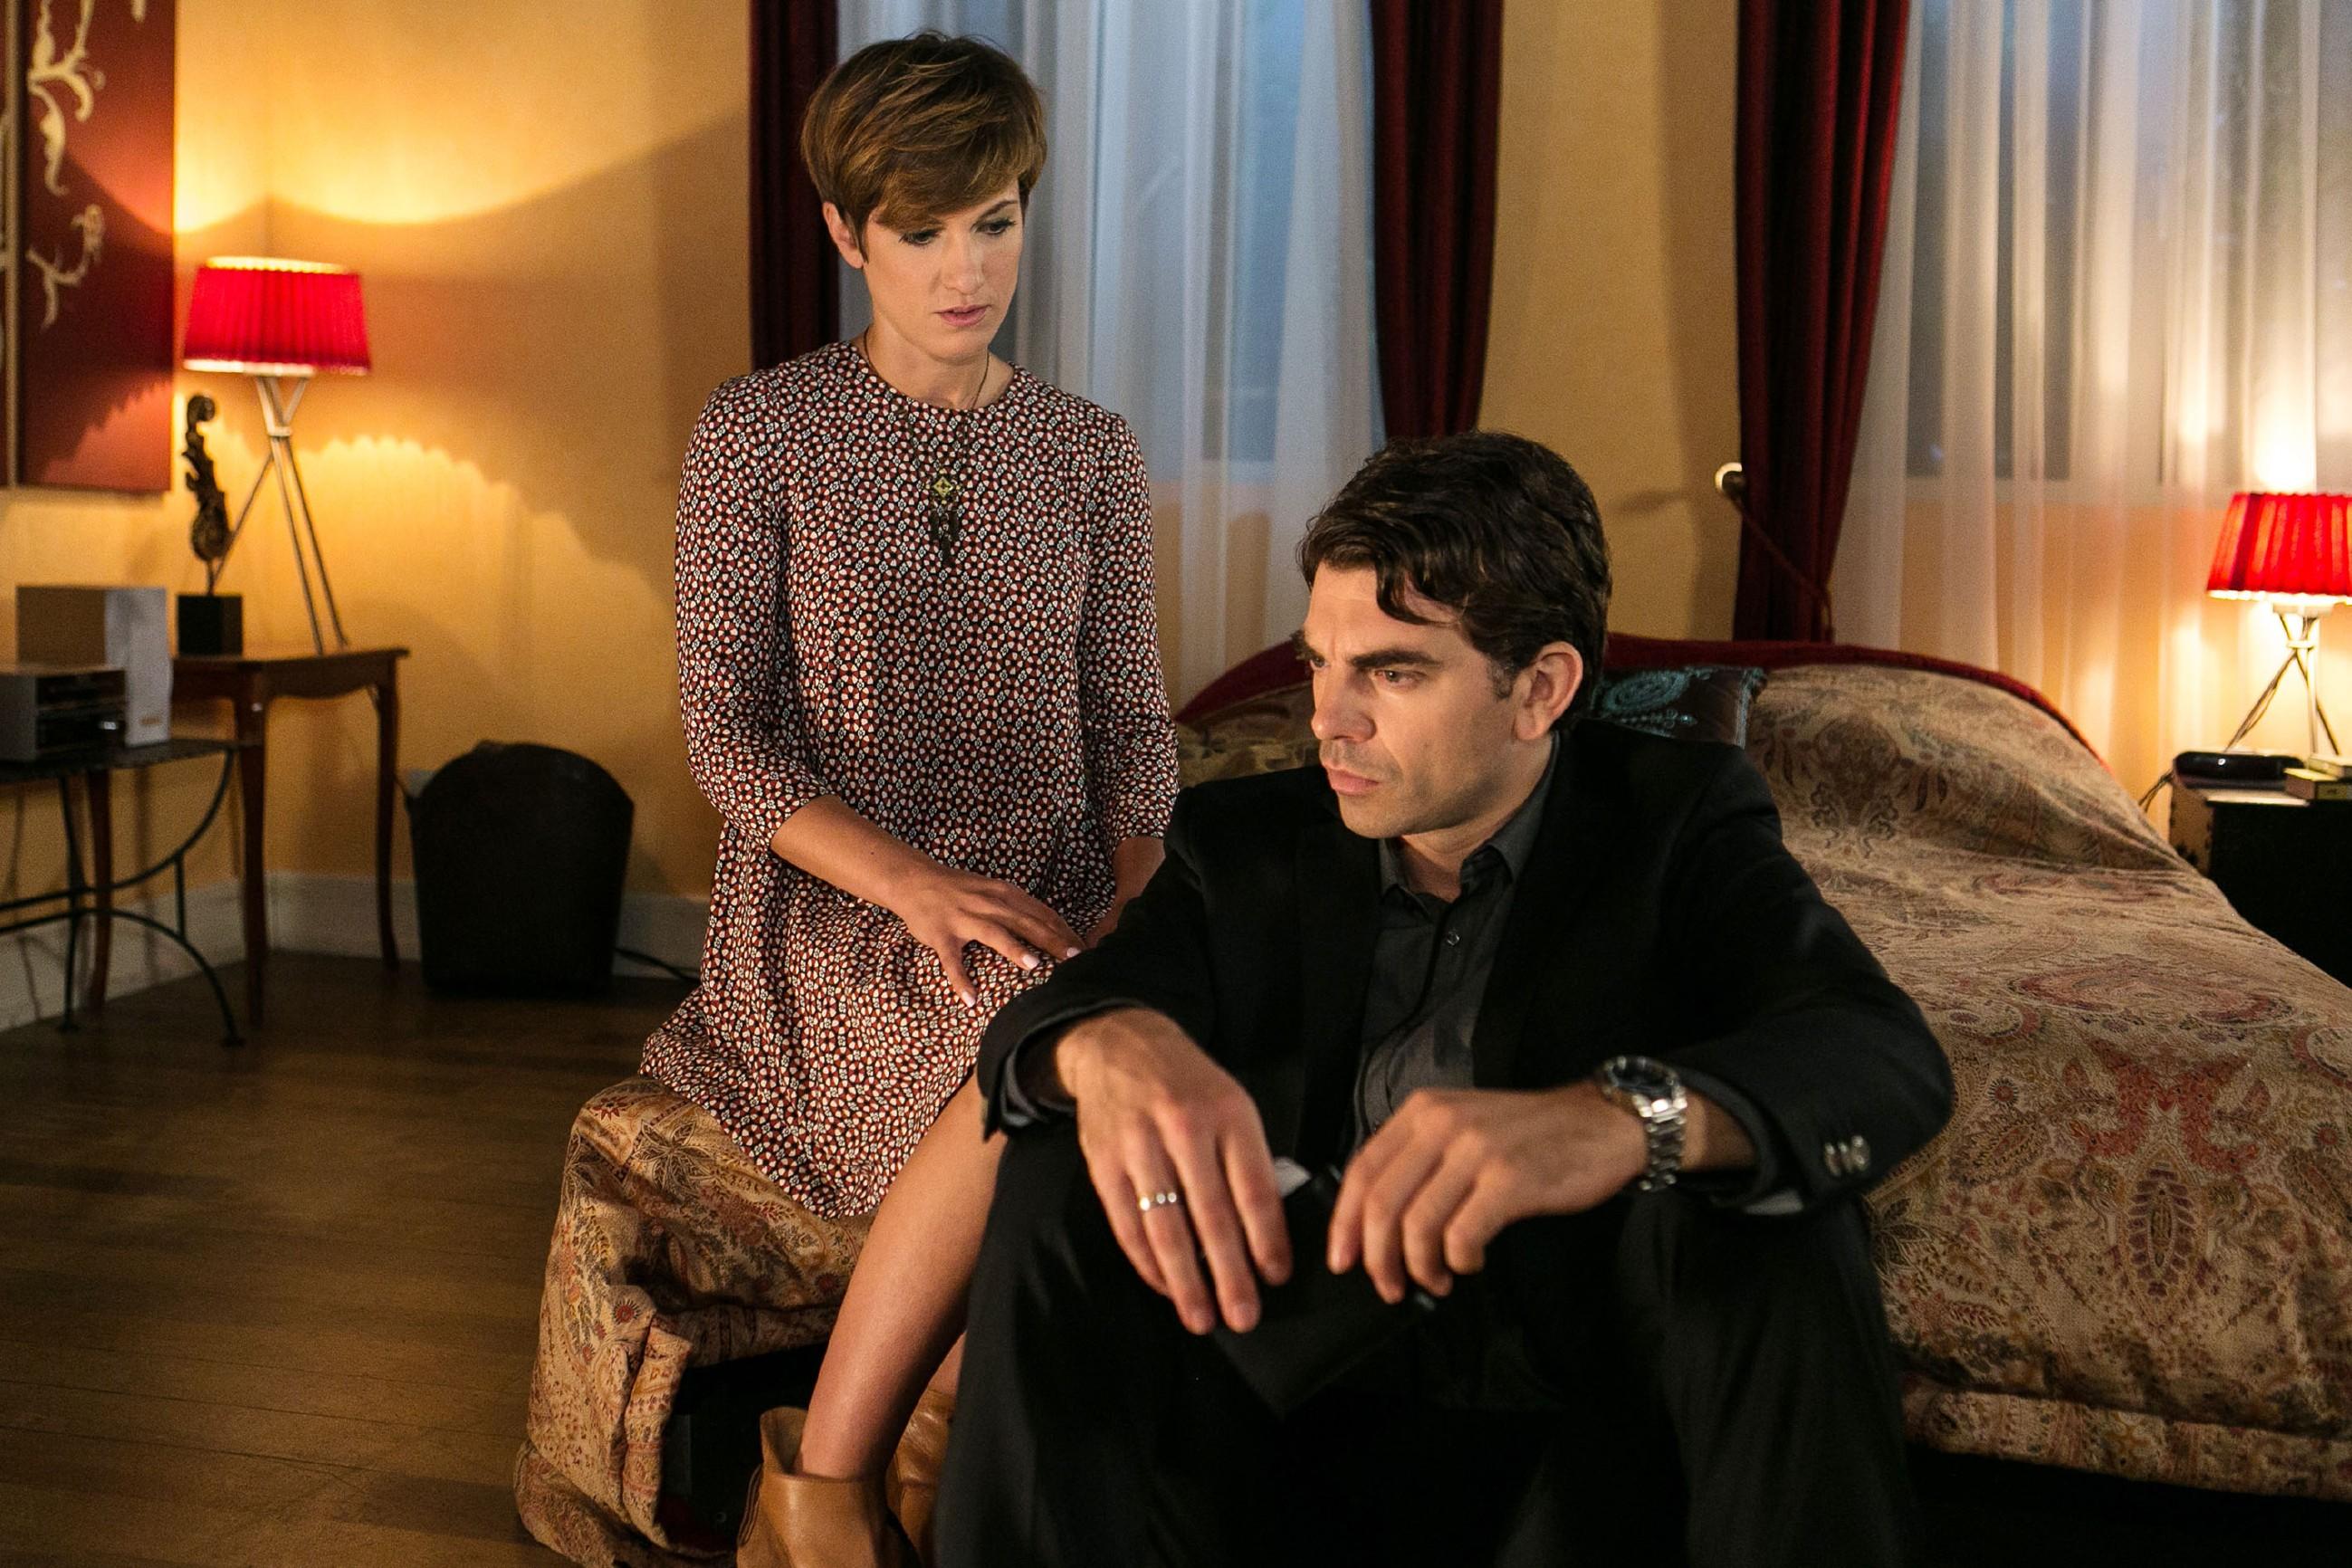 Pia (Isabell Horn) bringt Veit (Carsten Clemens) dazu, sich ihr zu öffnen und ihr sein düsteres Geheimnis anzuvertrauen. (Quelle: © RTL / Kai Schulz)